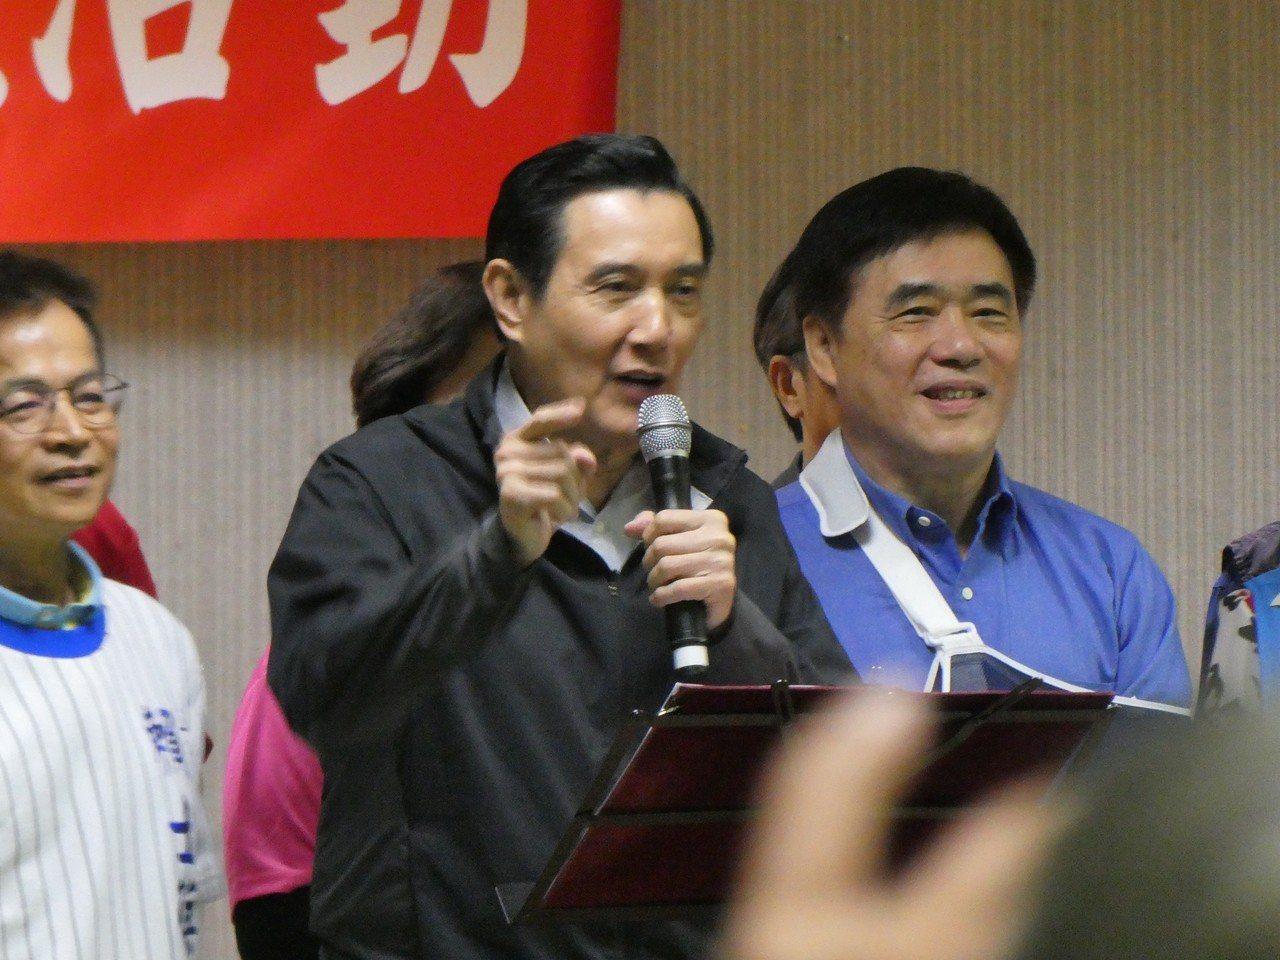 桃園市議員王浩宇在臉書表示,旅美大陸武統學者李毅來台隨便都能與前總統馬英九會面,...